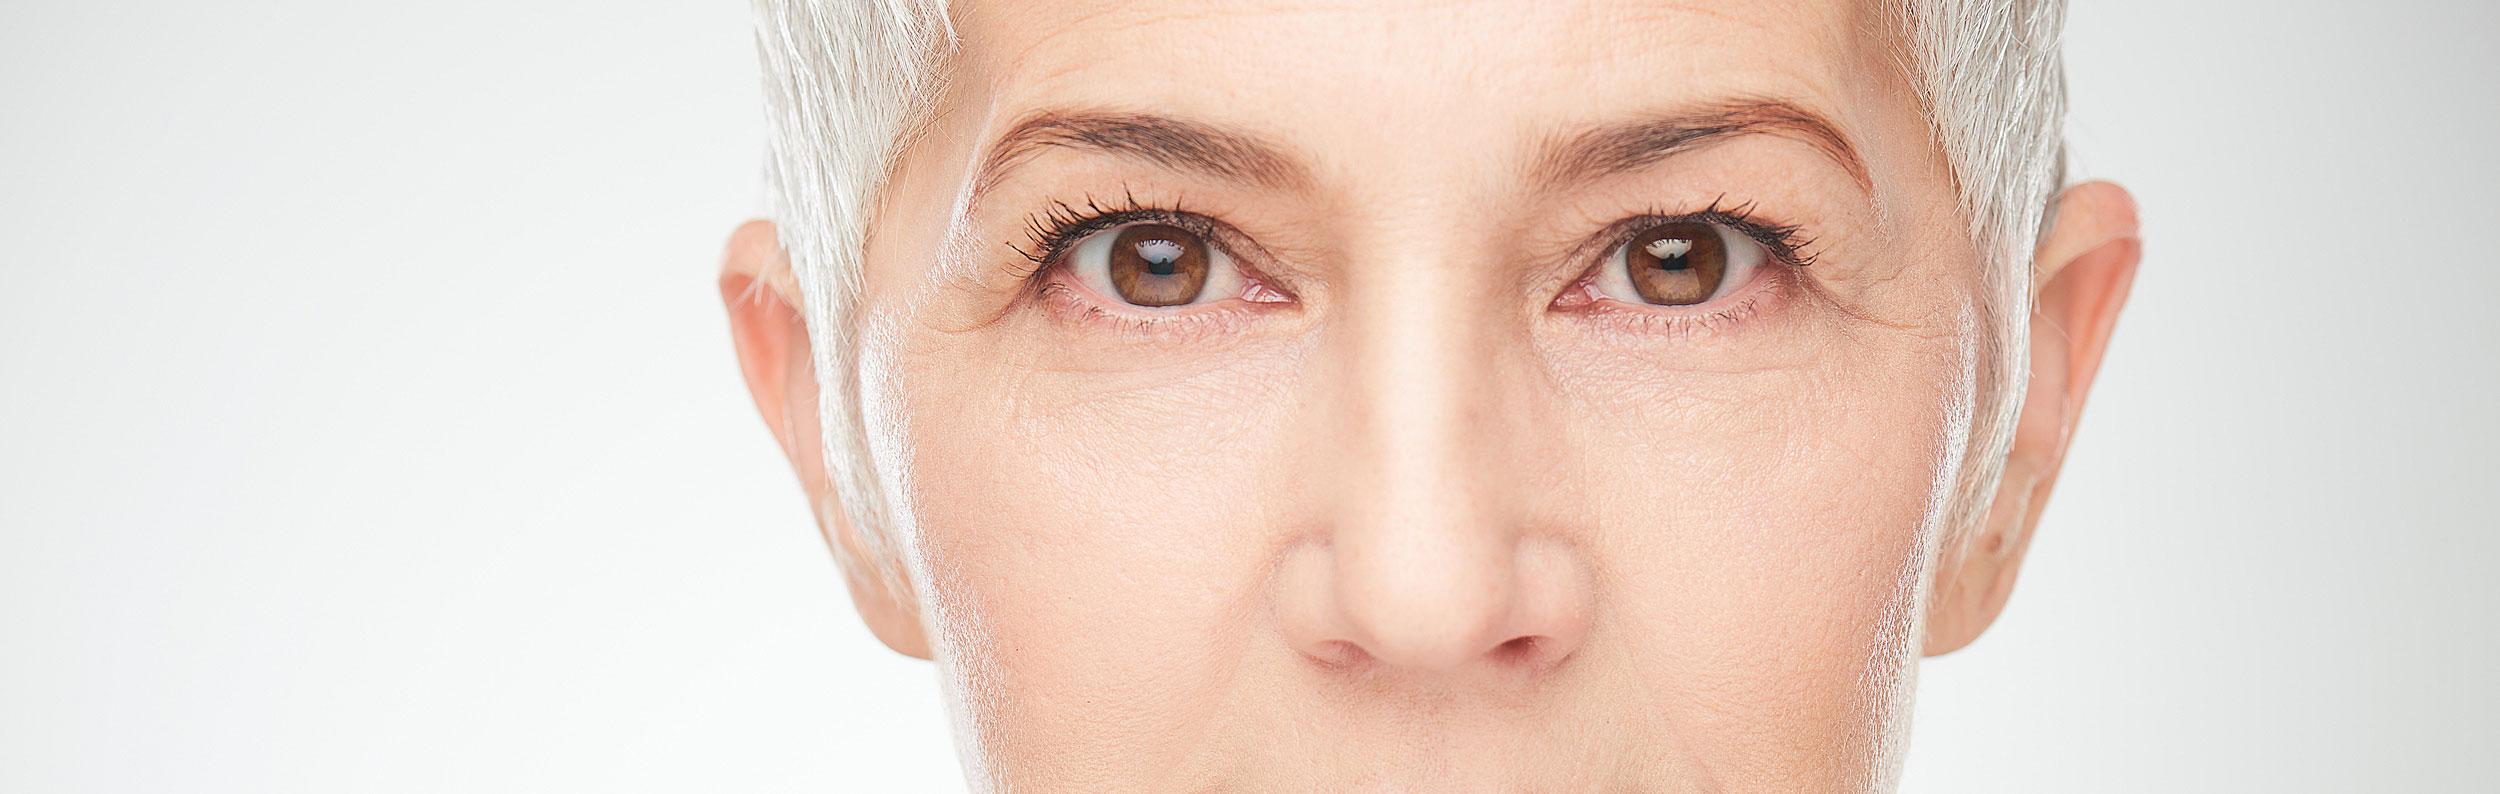 ansiktsoperation äldre kvinna